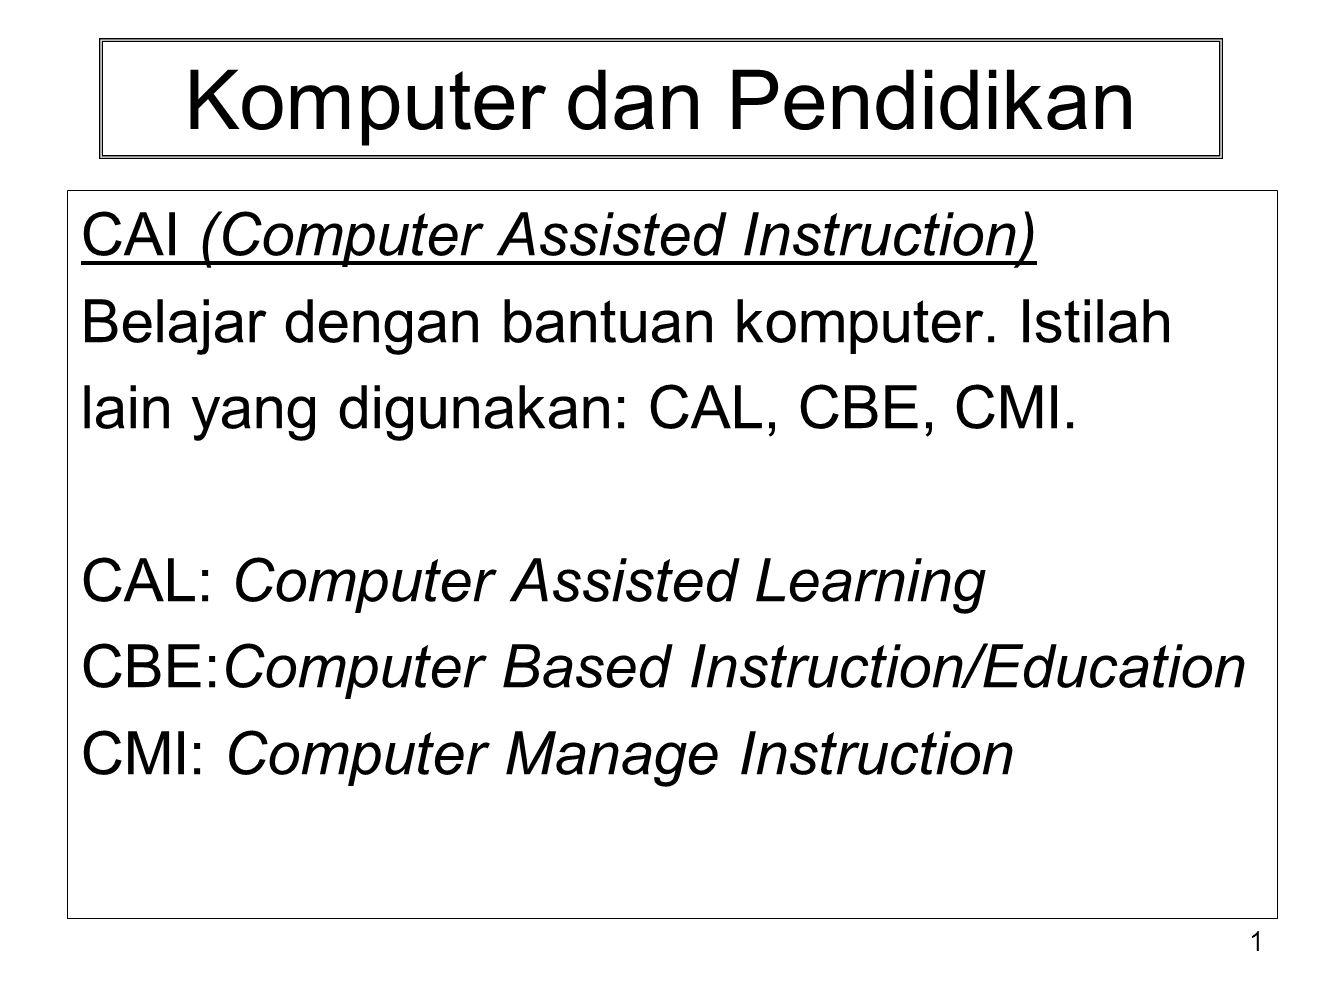 Komputer dan Pendidikan